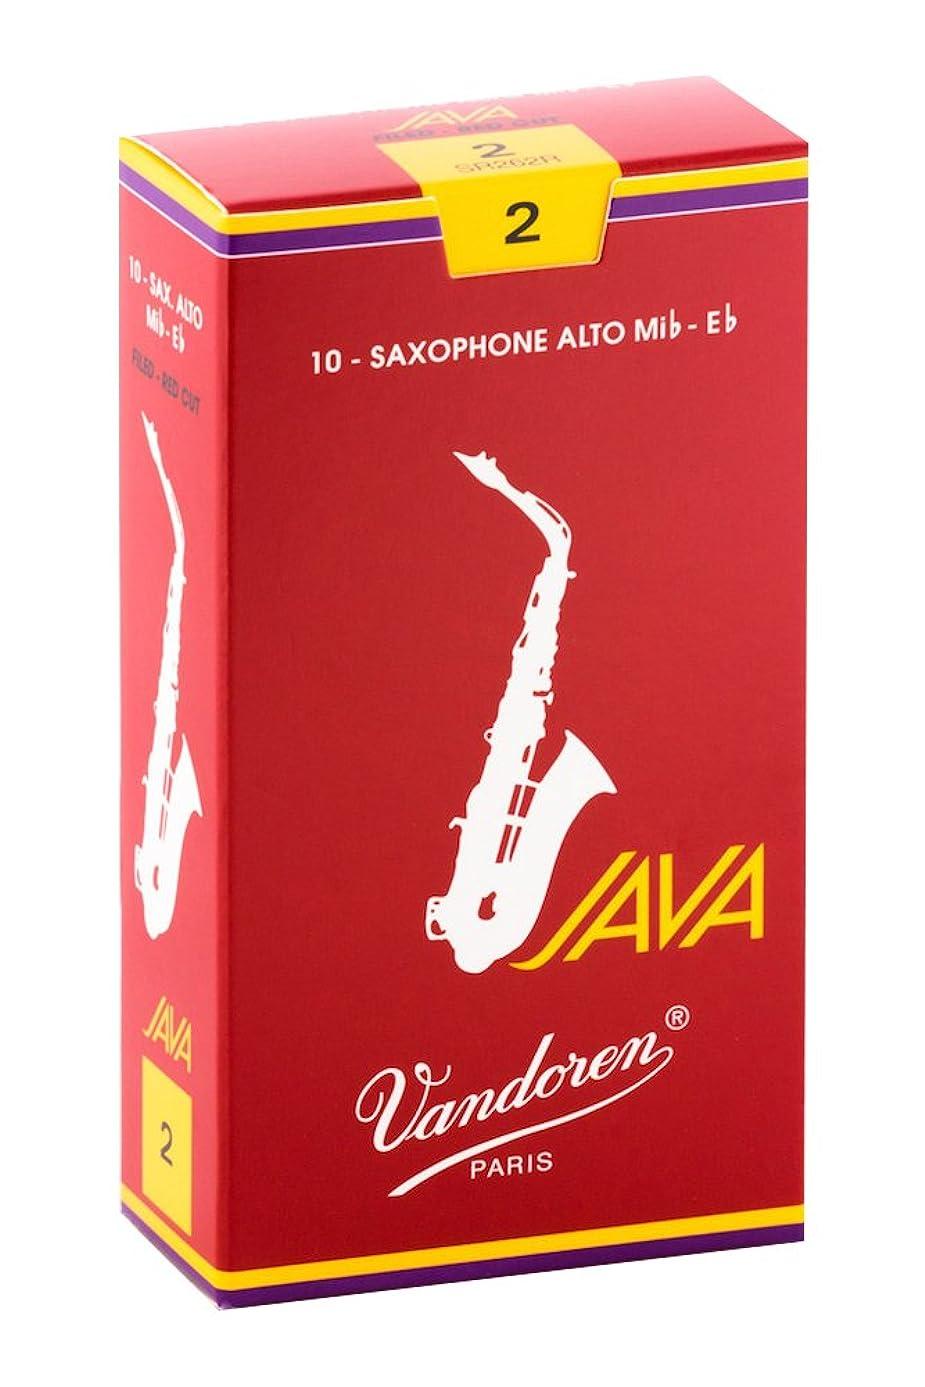 Vandoren SR262R Alto Sax JAVA Red Reeds Strength 2; Box of 10